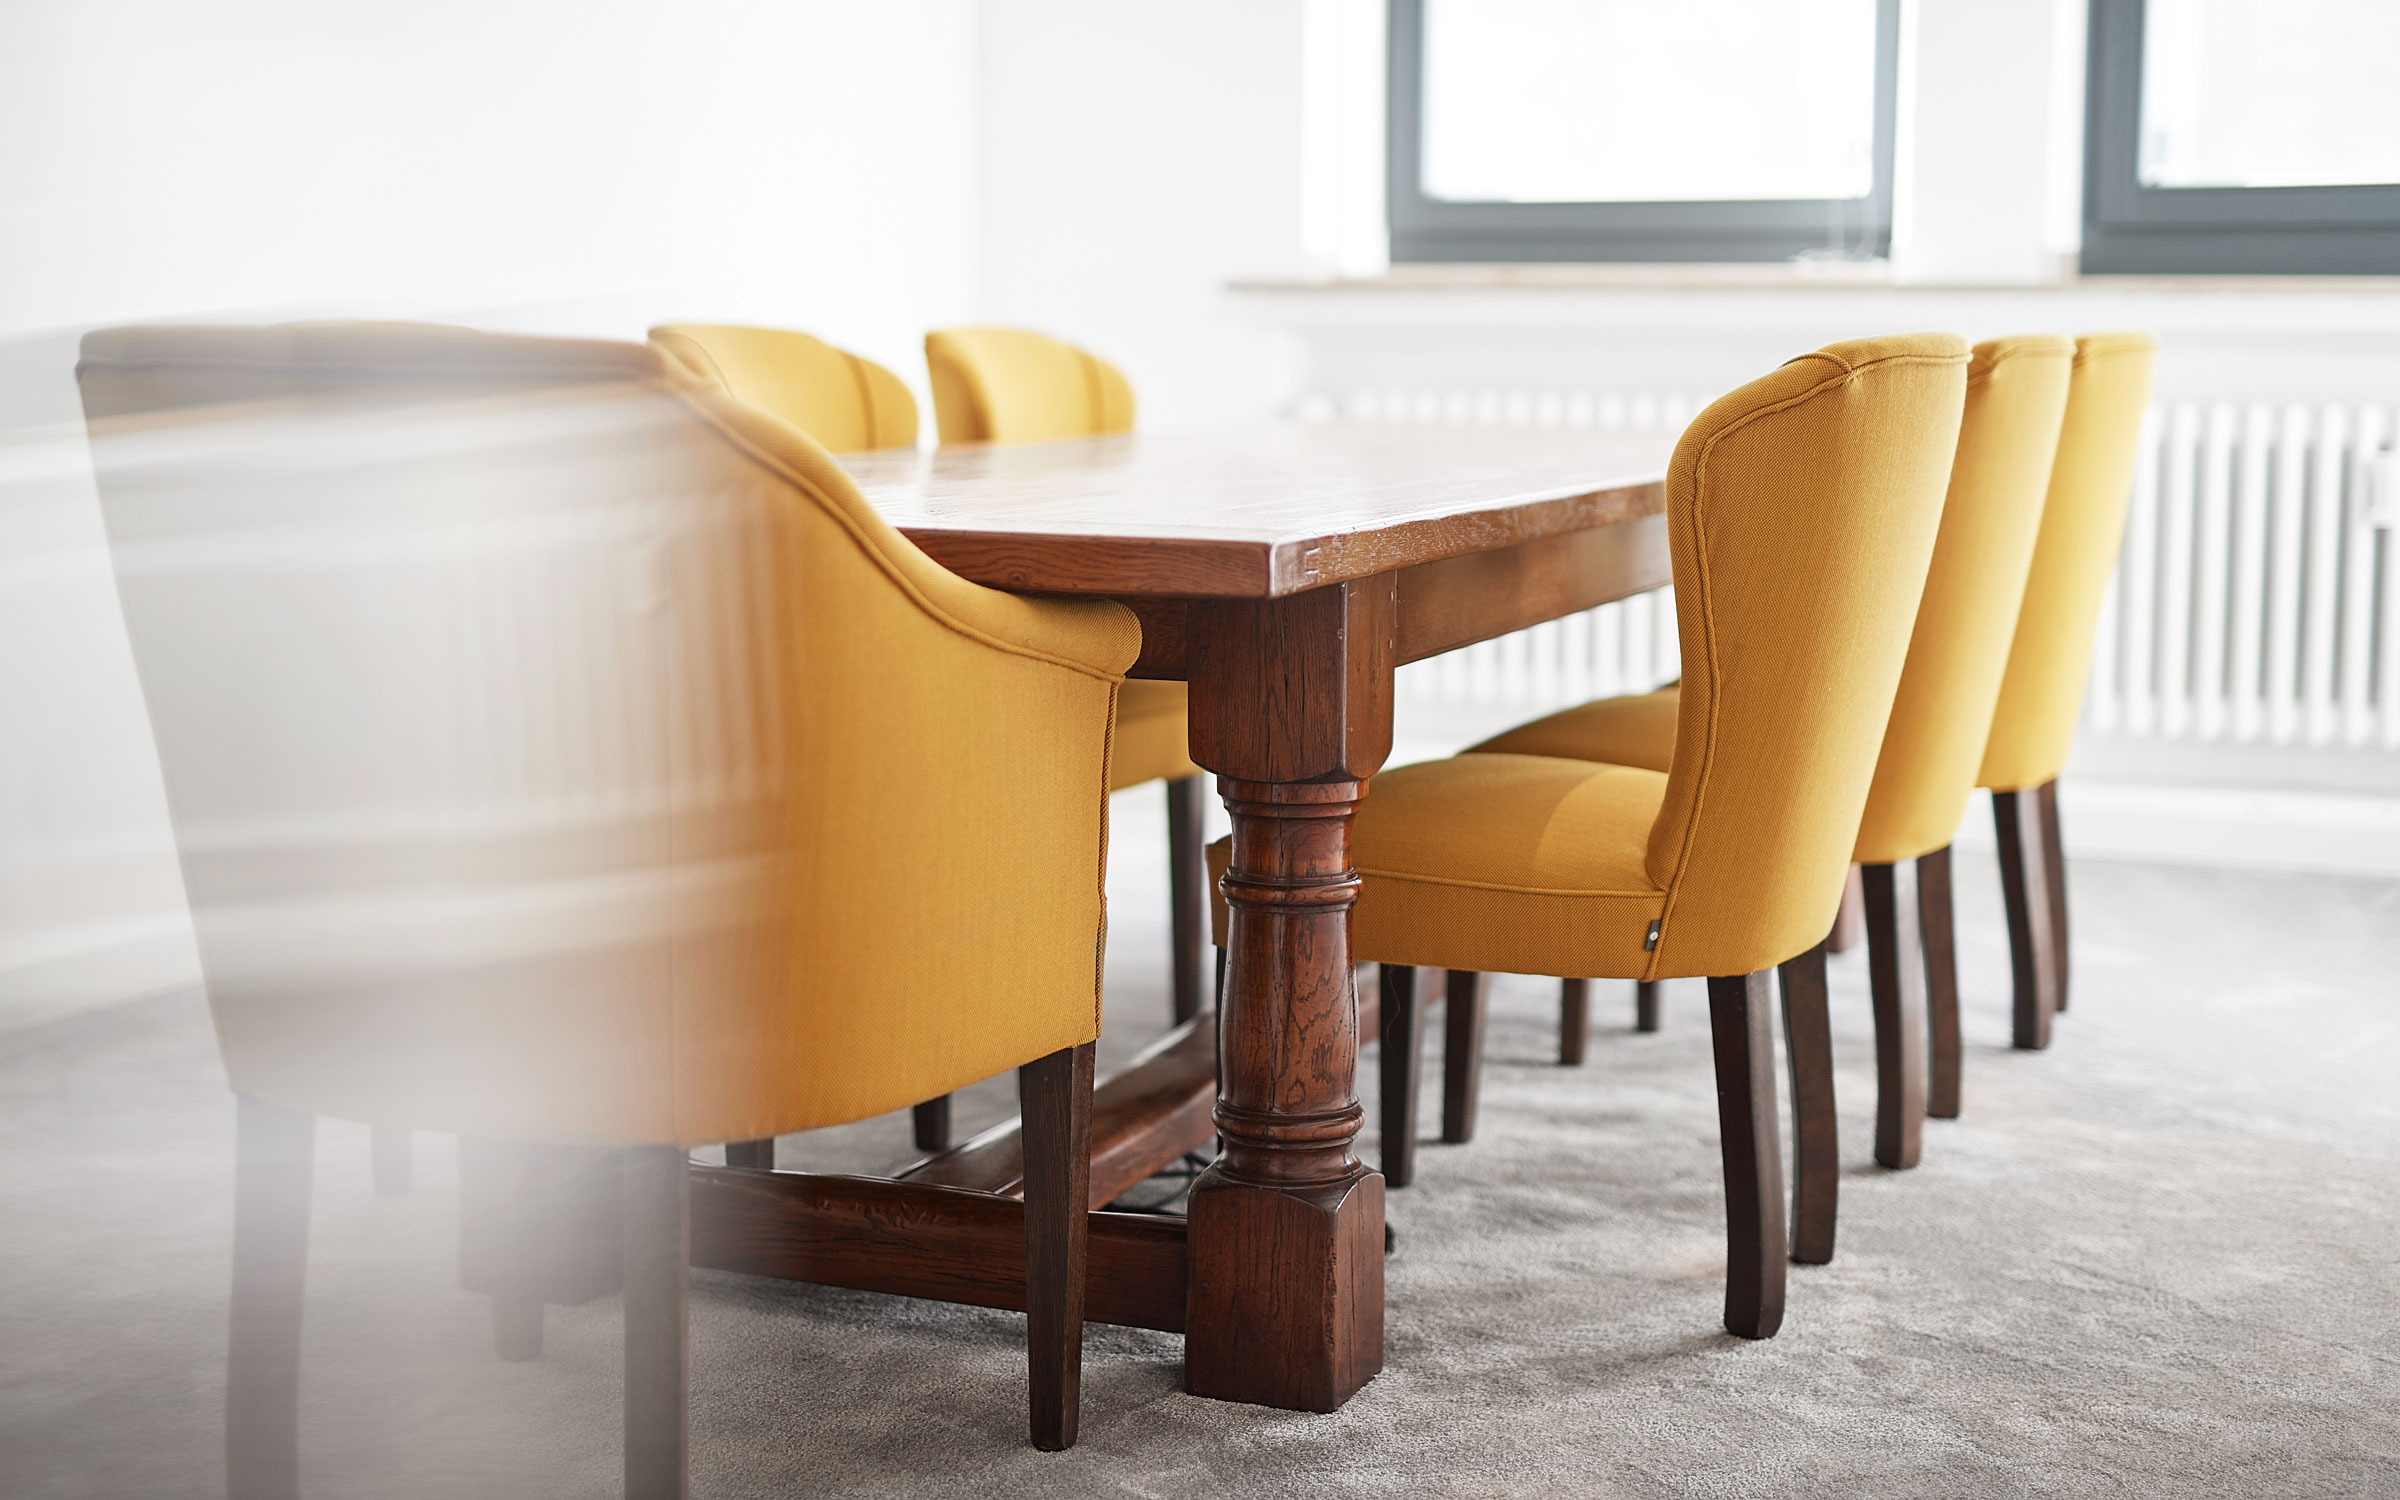 Räume und Innenarchitektur, die gut tun | DIA – Dittel Architekten